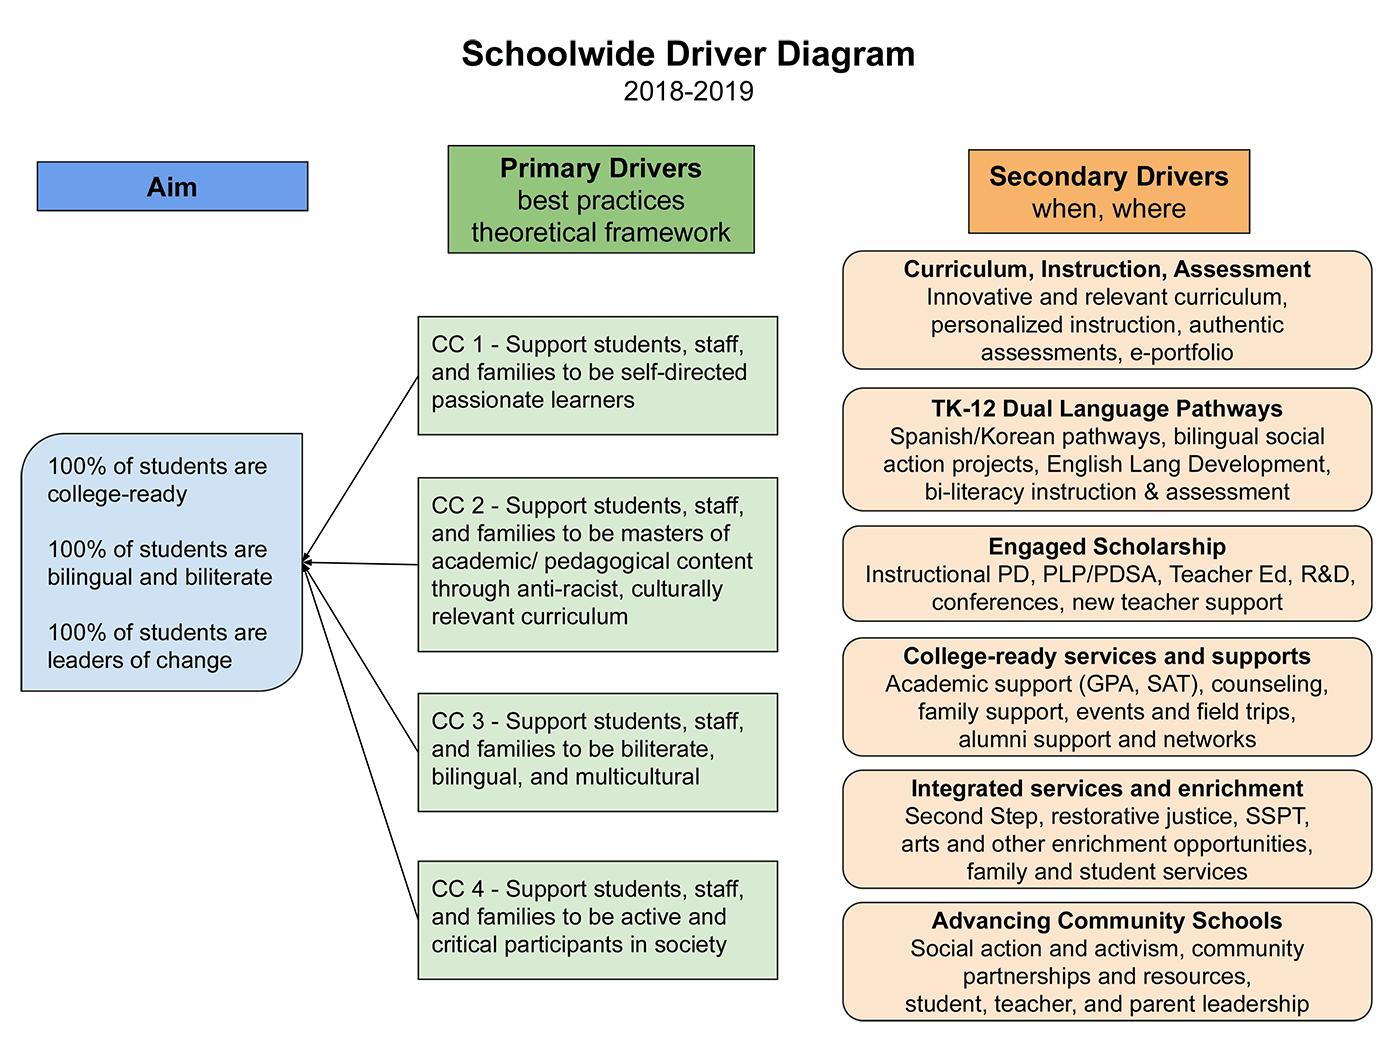 Schoolwide Driver Diagram